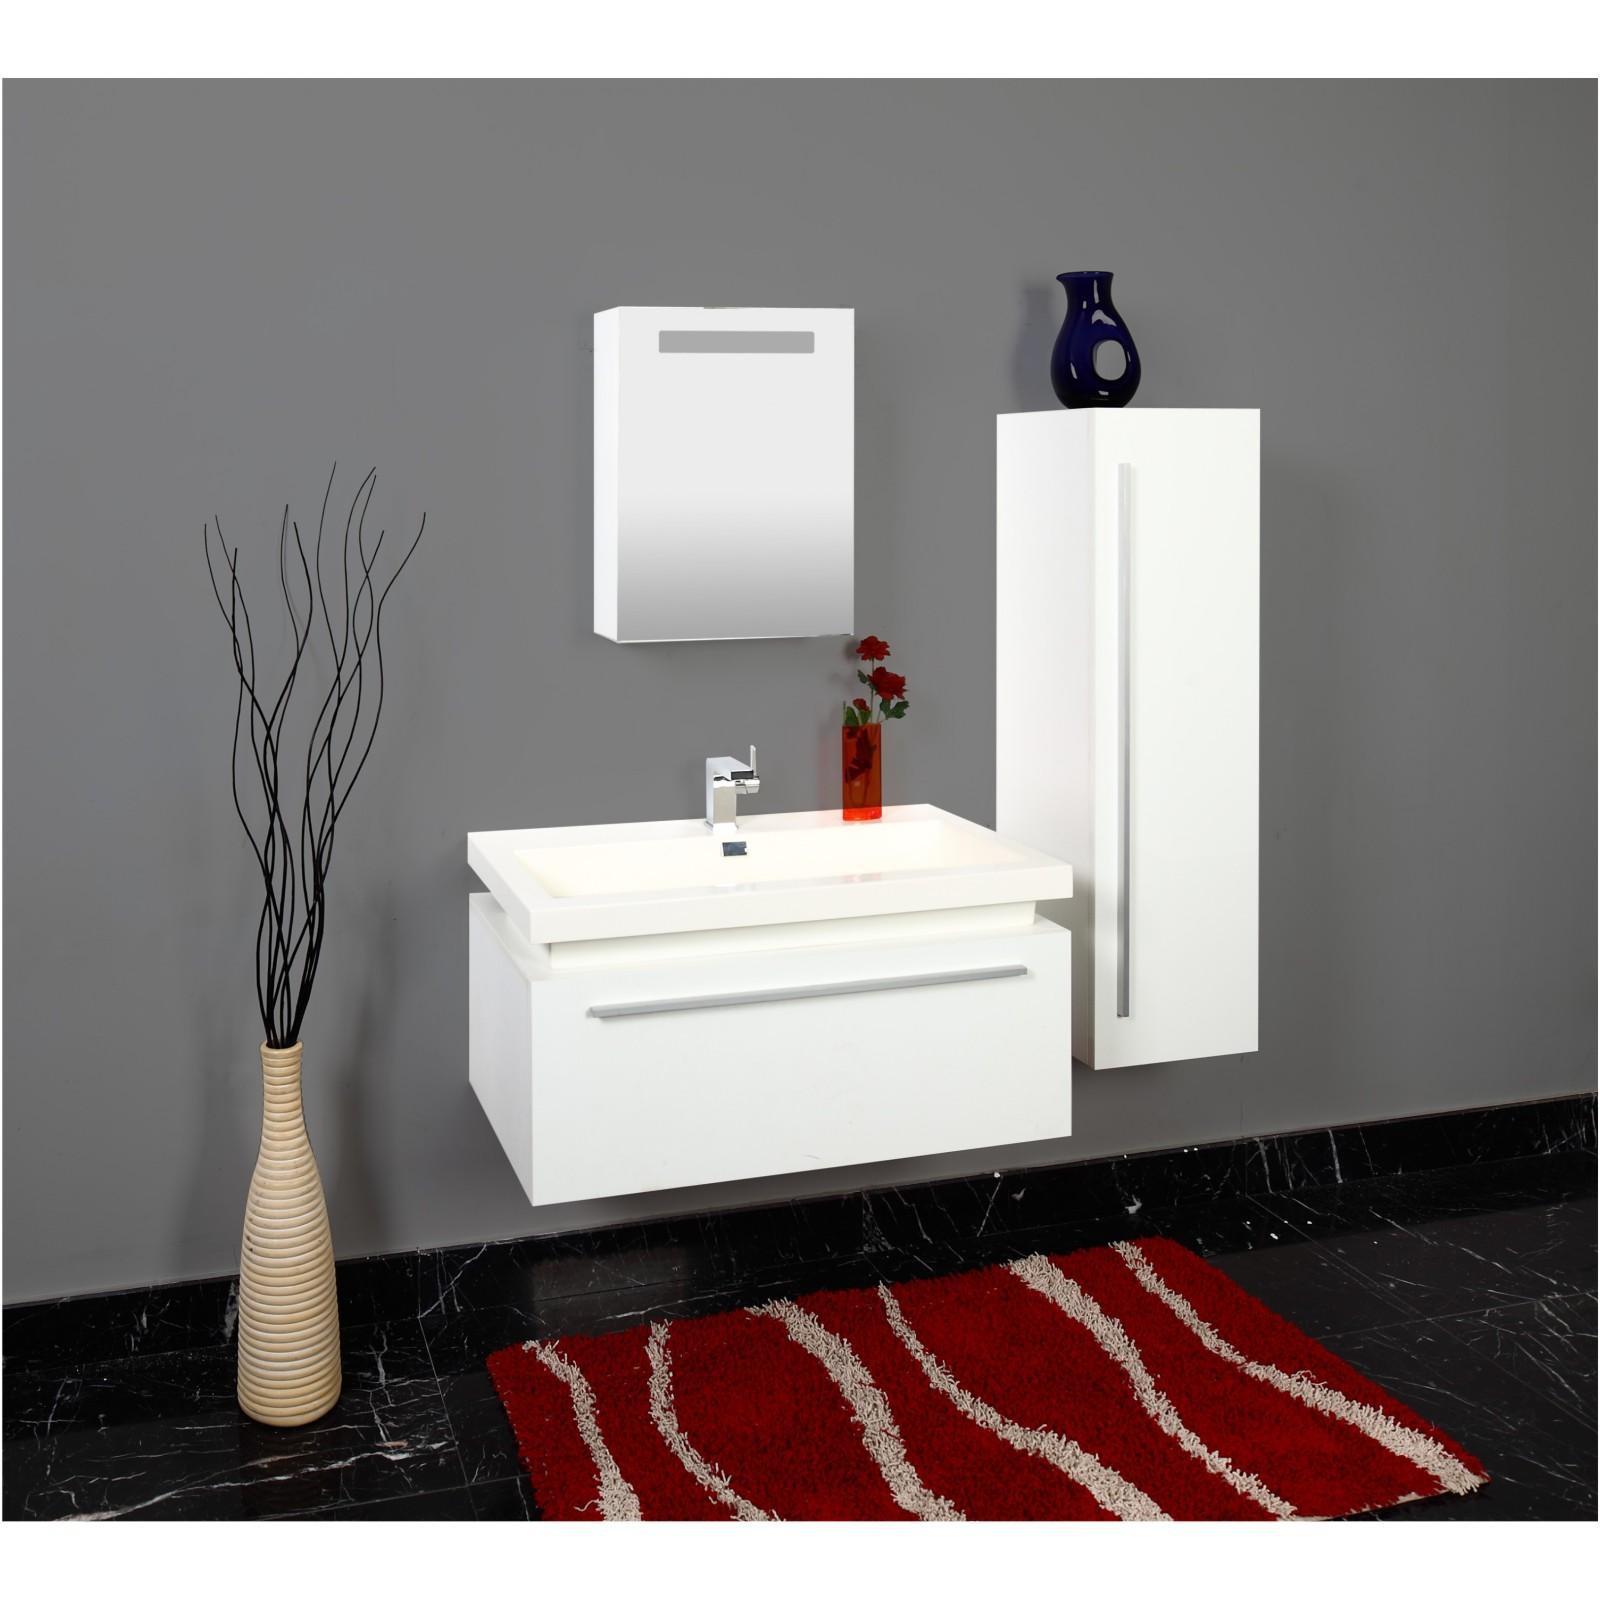 badezimmer m bel set badm bel 3tlg weiss spiegelschrank waschbecken schrank. Black Bedroom Furniture Sets. Home Design Ideas